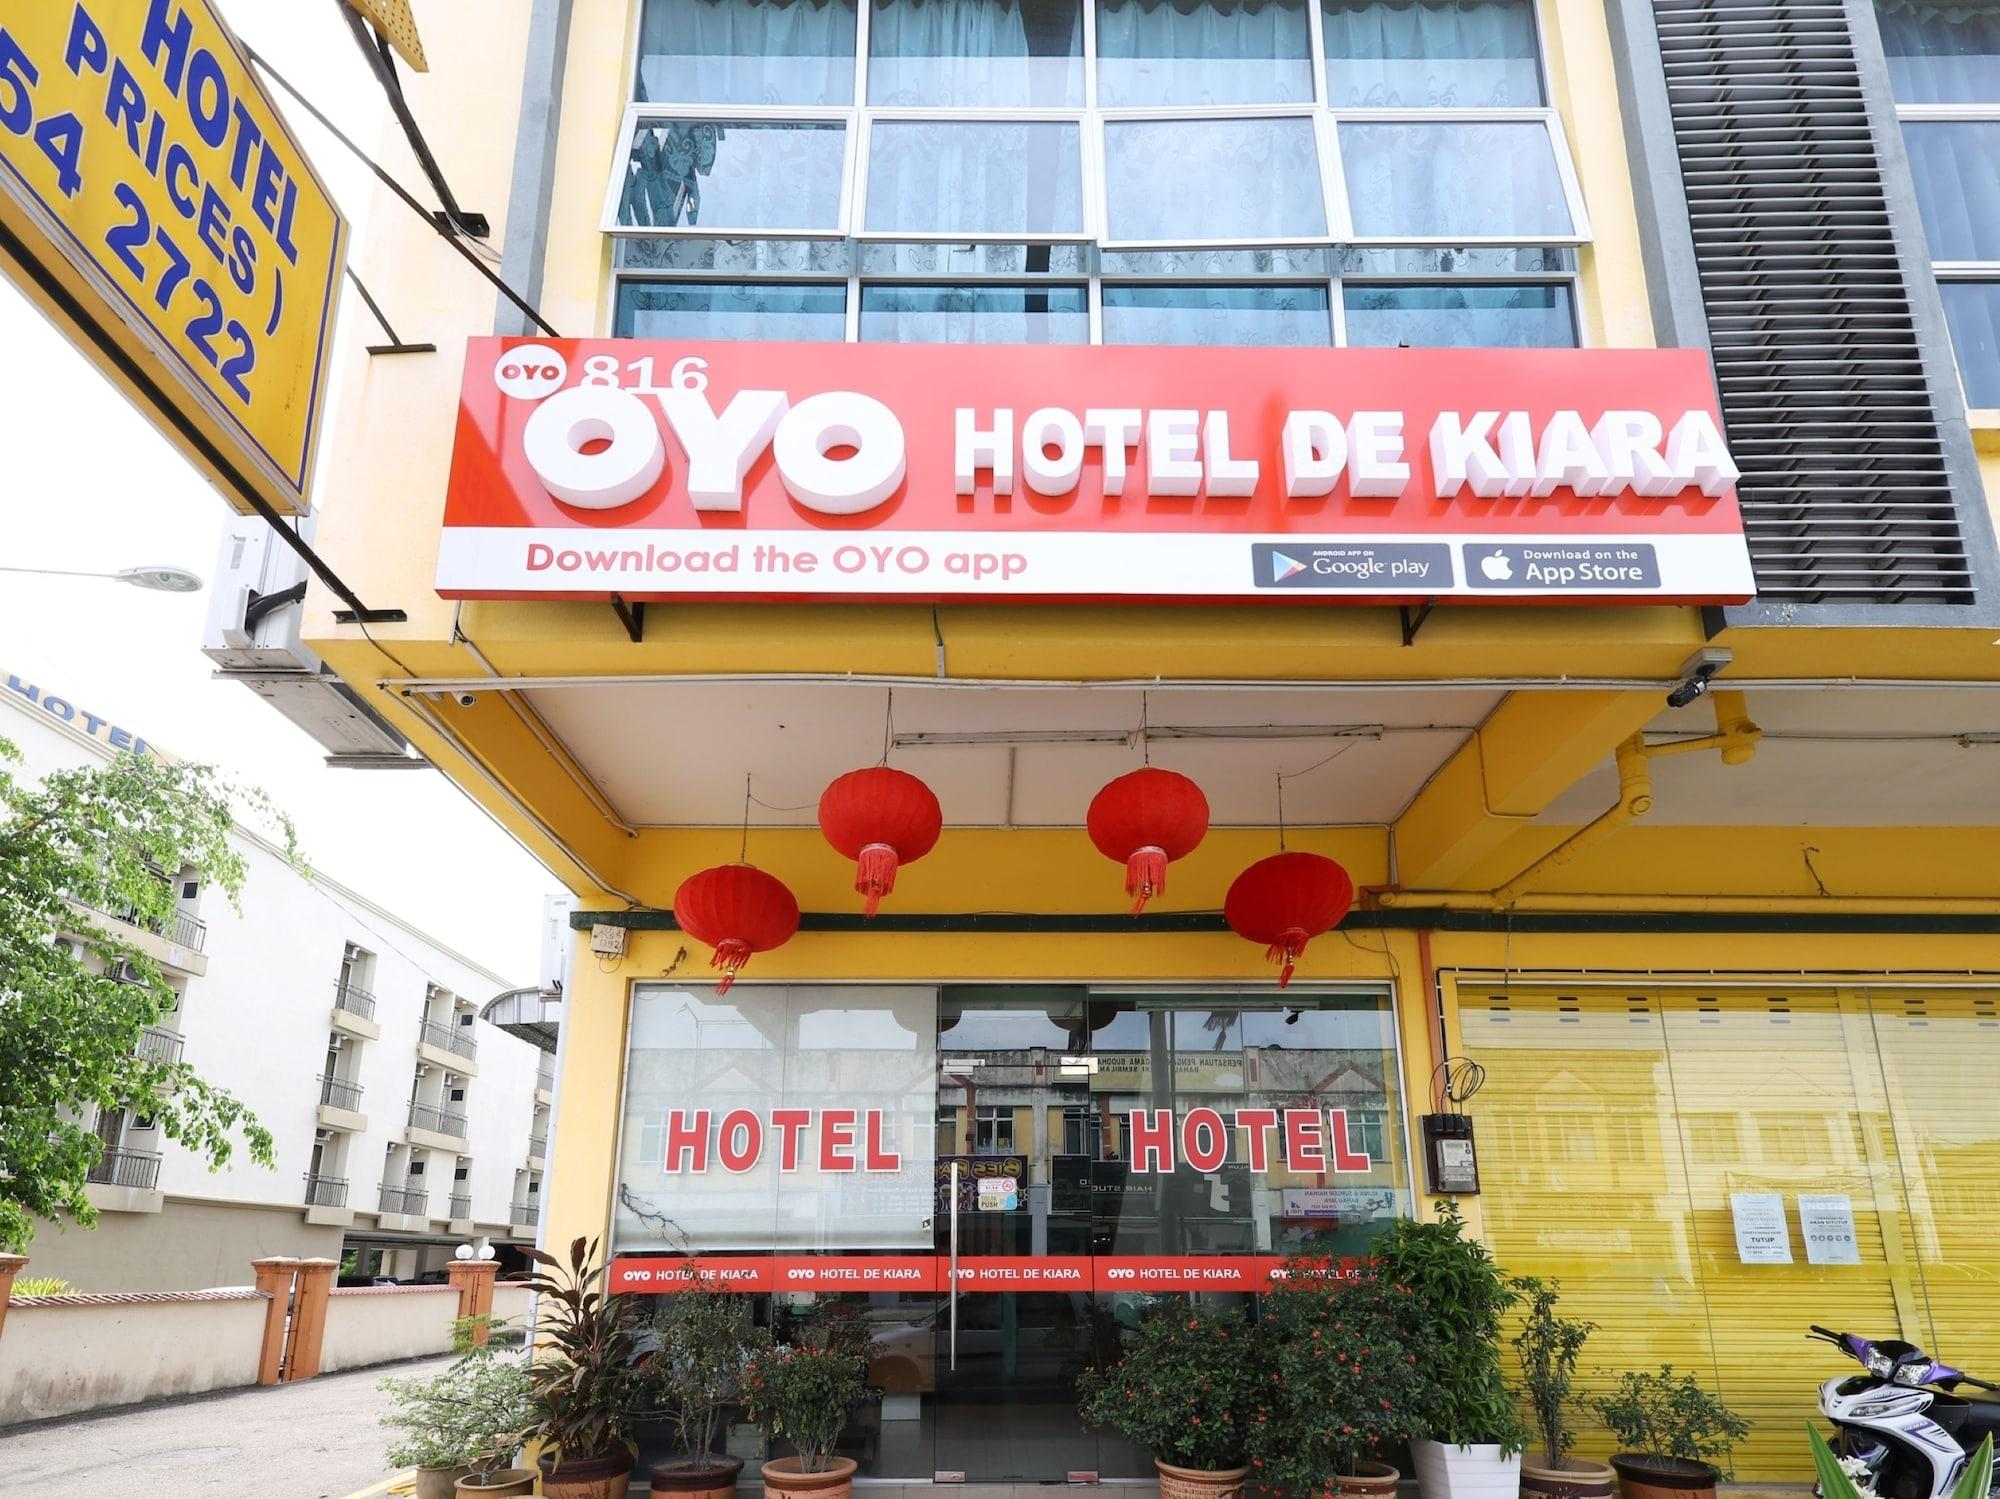 OYO 816 Hotel De Kiara, Jempol